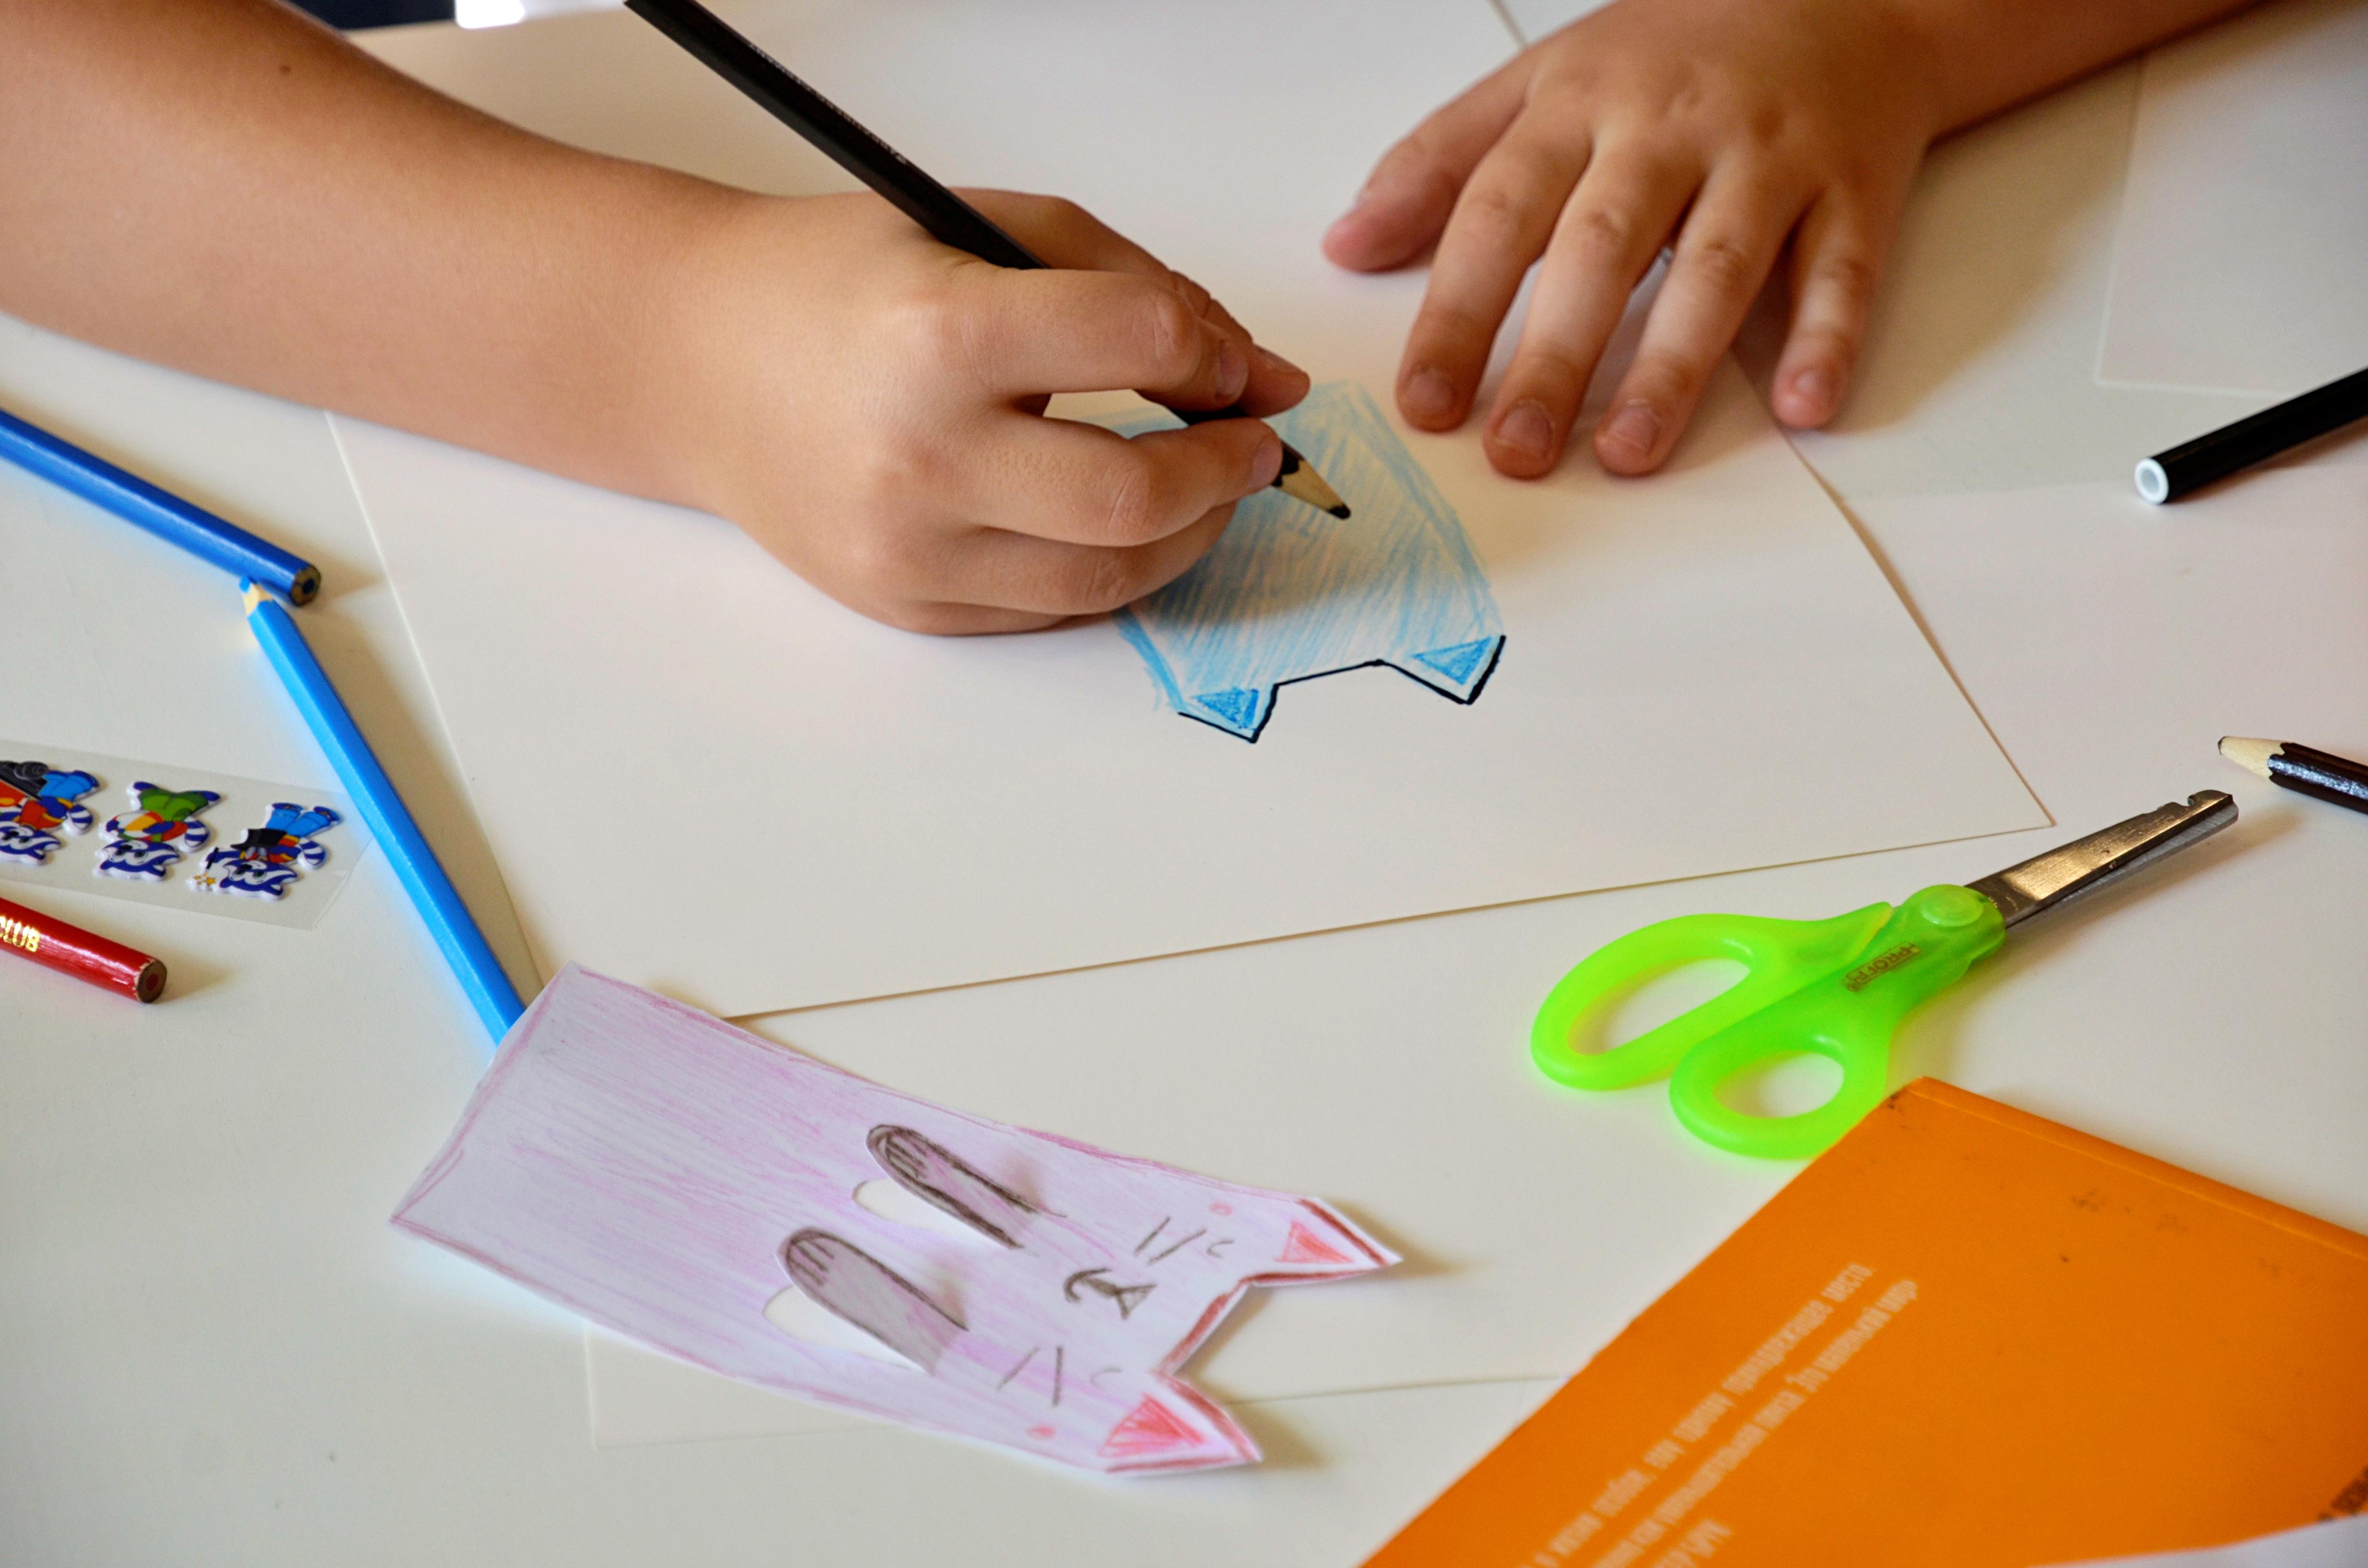 Жители Бирюлева Западного выберут лучший детский рисунок